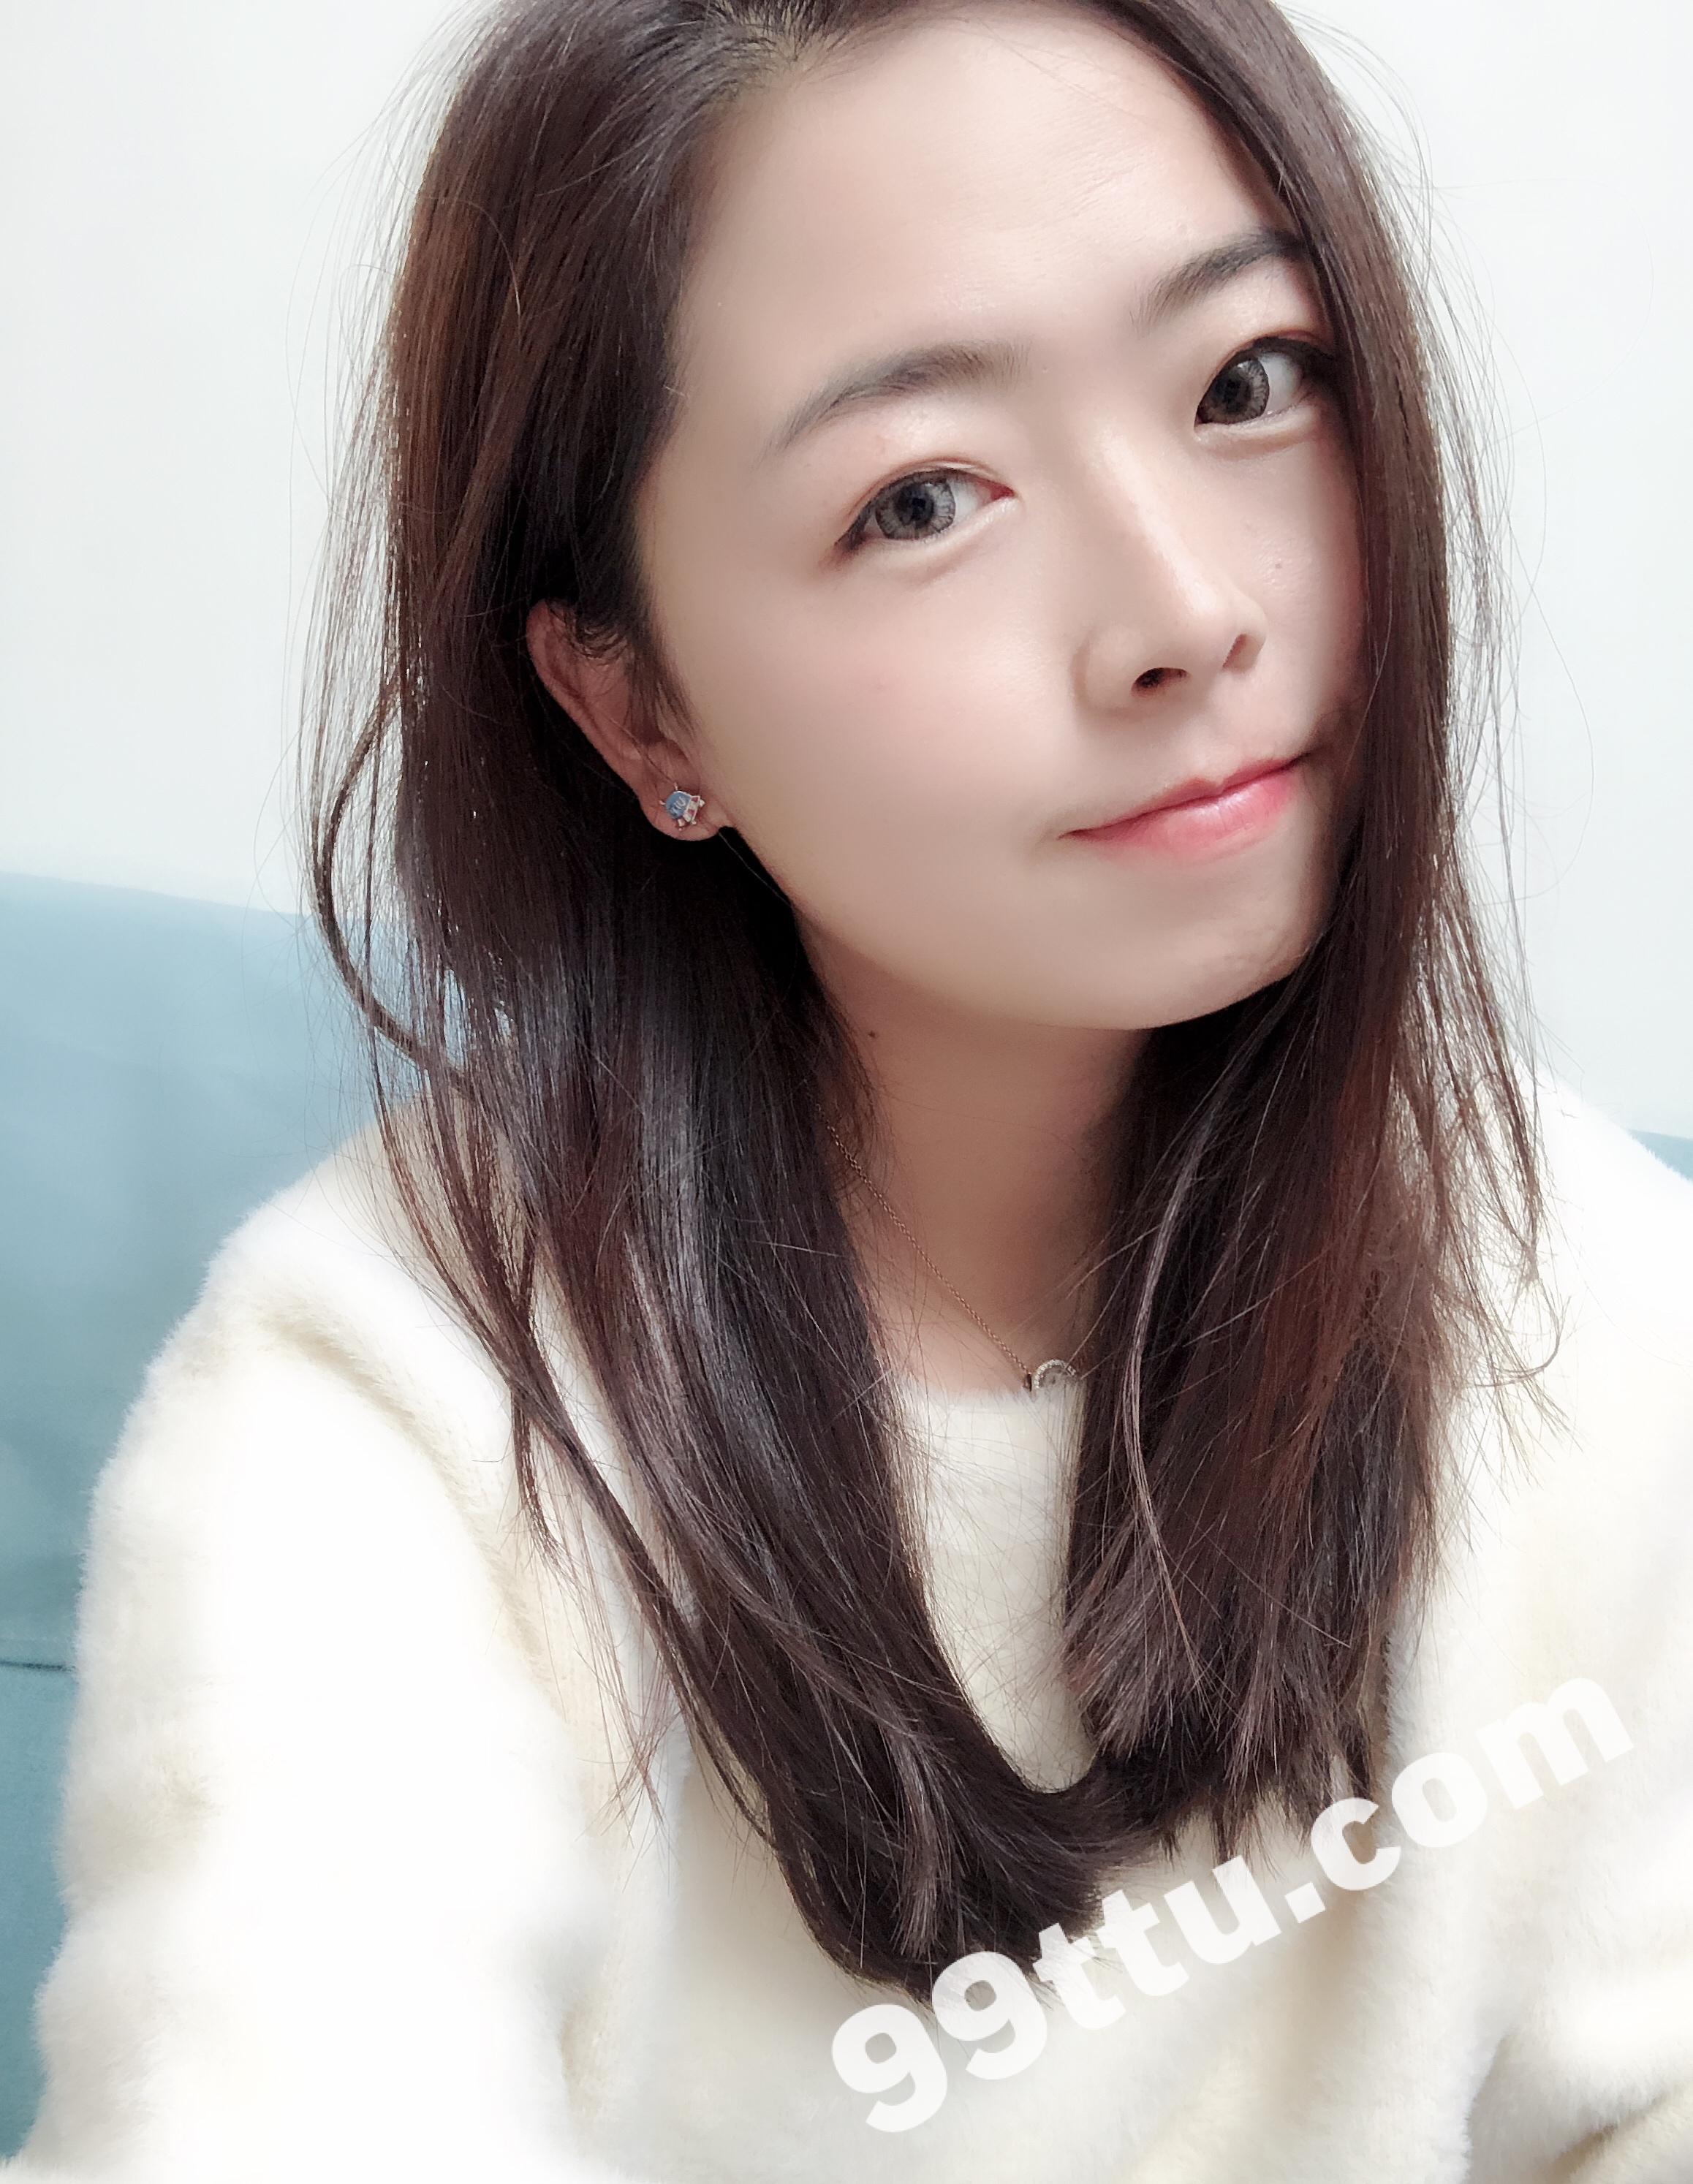 W17_女套图520照片+0视频(青春美女大学生)-9